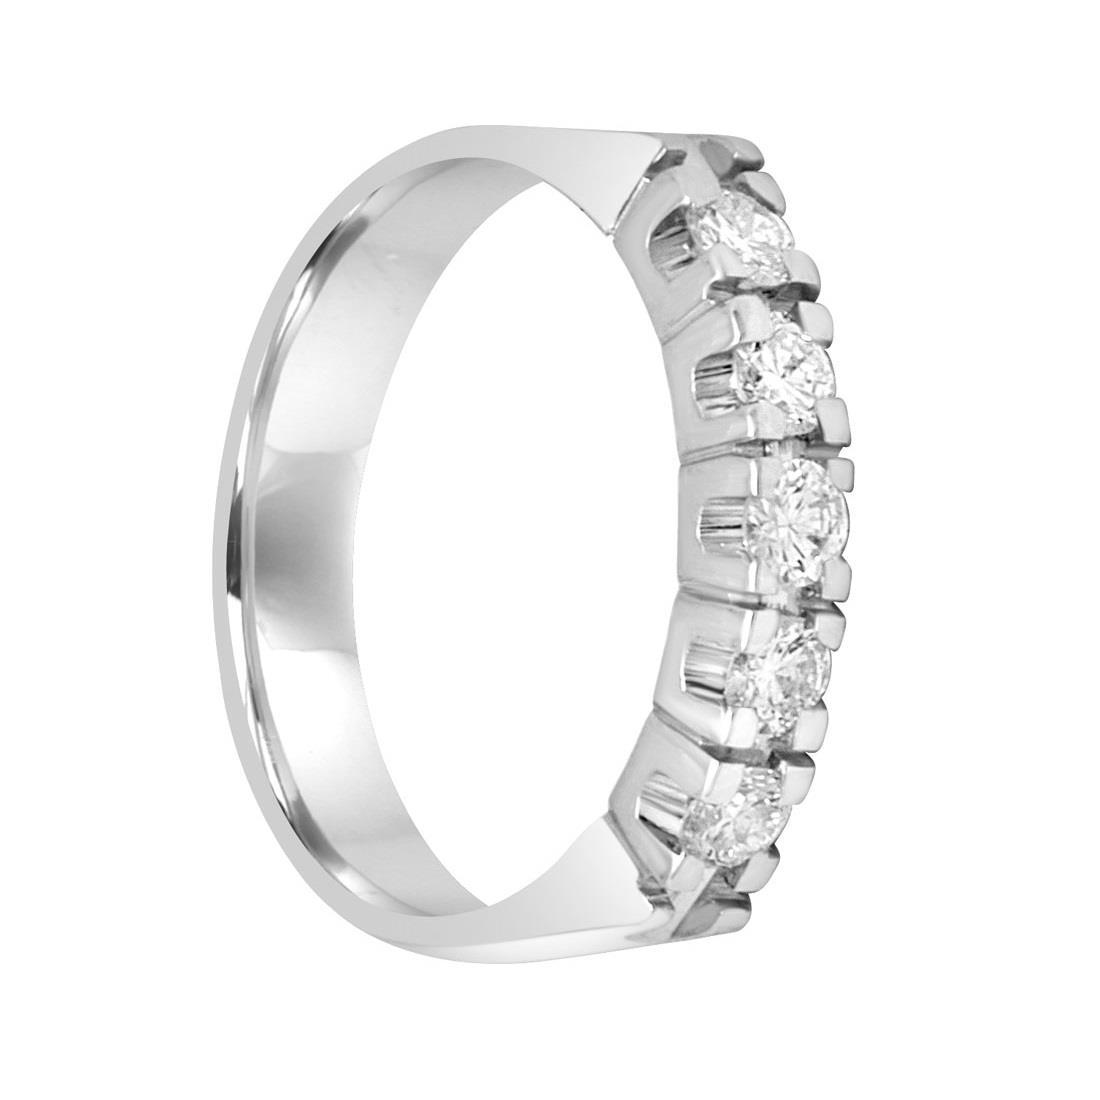 Anello veretta 5 pietre in oro bianco e diamanti ct 0.50, misura 14 - ORO&CO